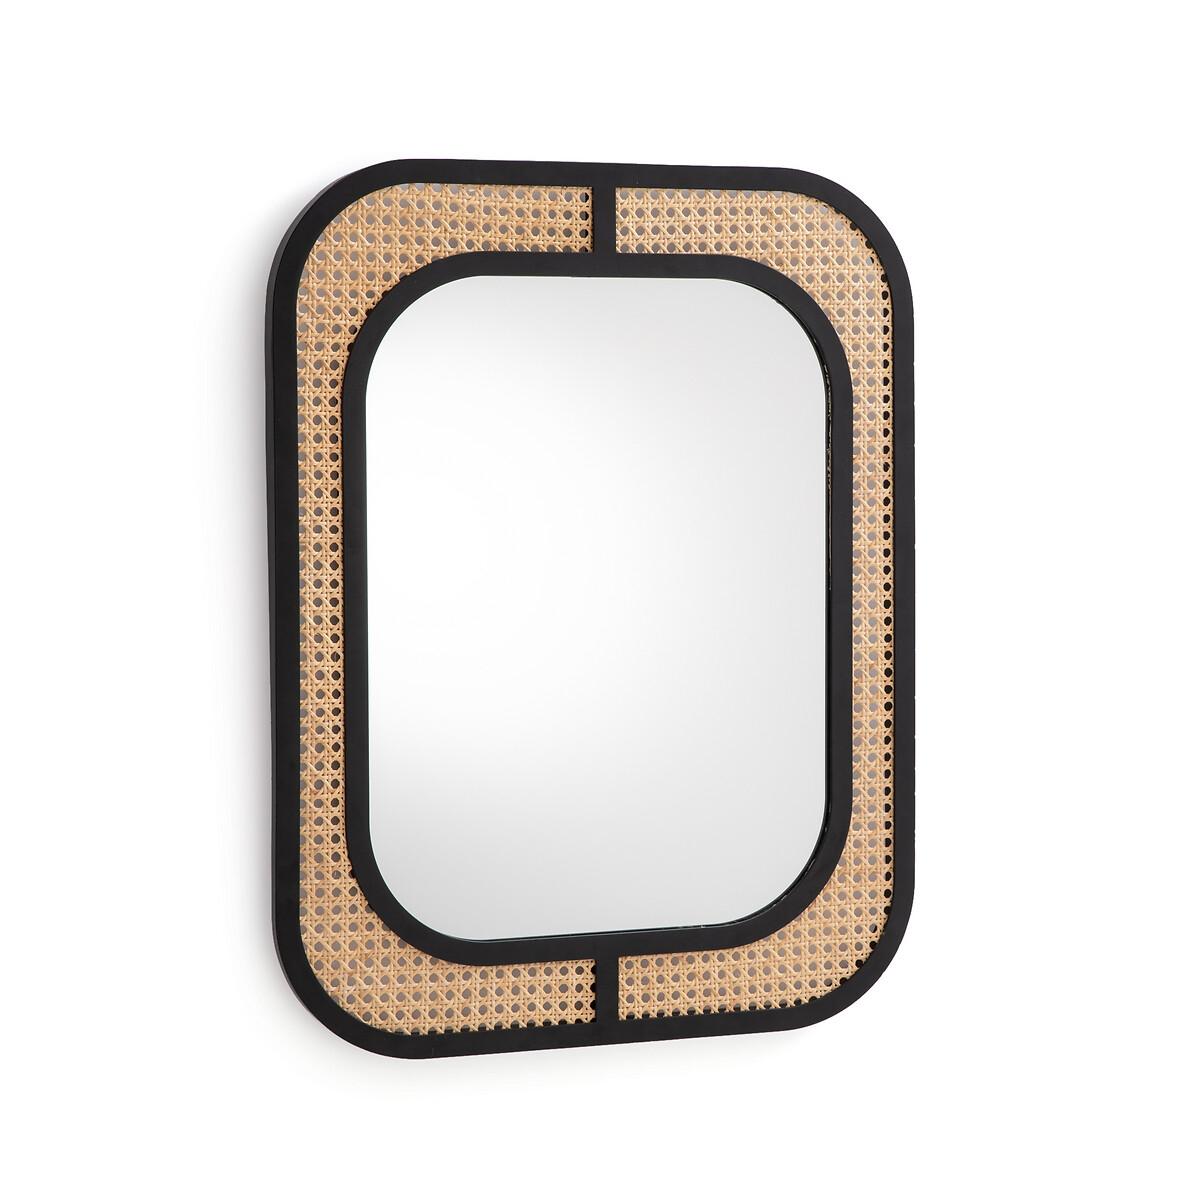 Зеркало LaRedoute Из металла и плетеного материала Waska единый размер бежевый зеркало laredoute из металла и плетеного материала waska единый размер бежевый